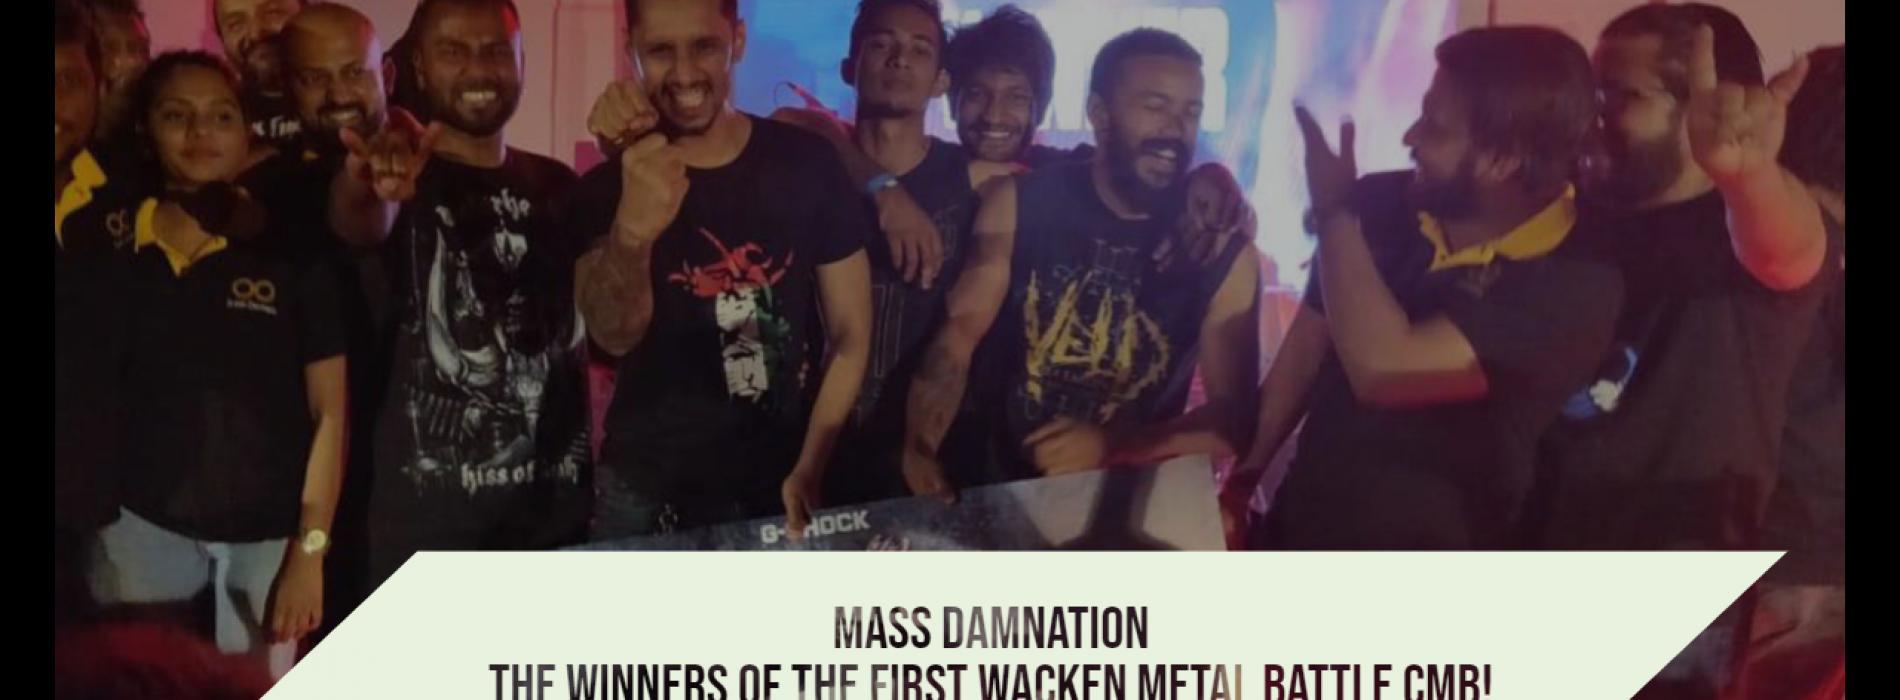 Mass Damnation : The Winners Of The 1st Wacken Metal Battle CMB